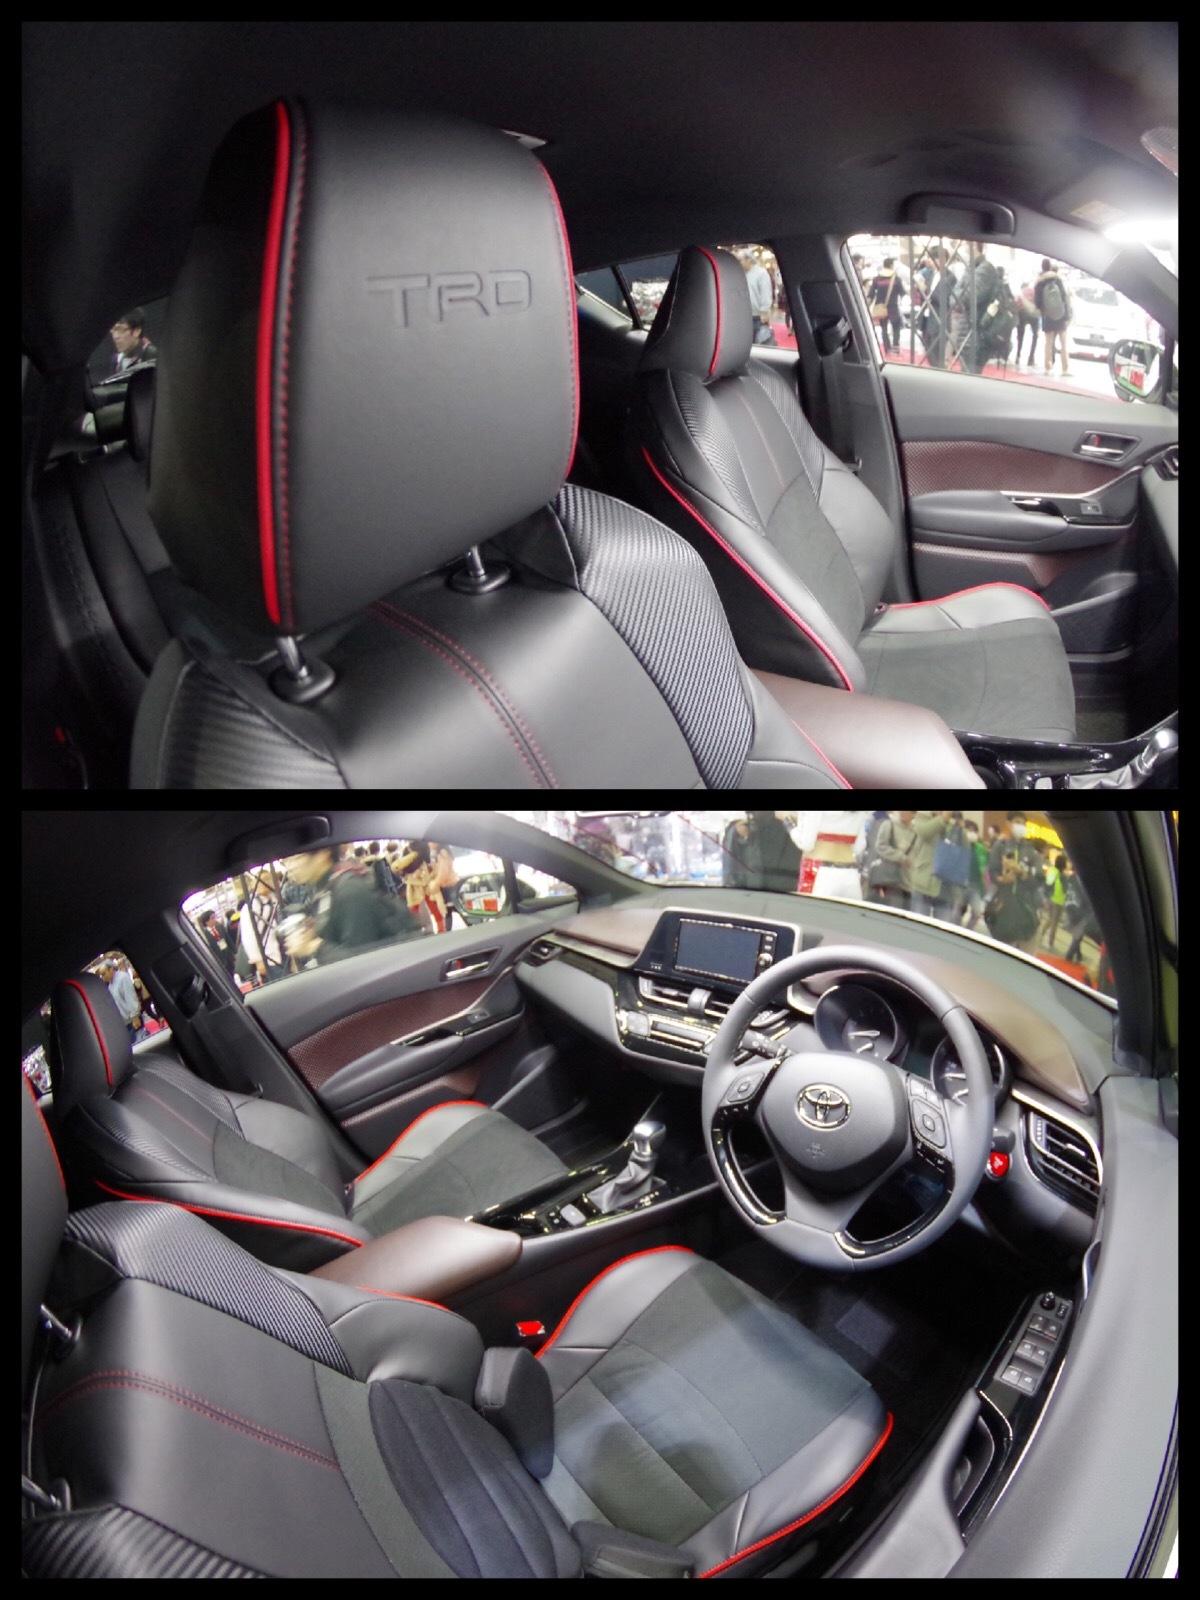 トヨタC-HR カスタム TRD アグレッシブスタイル 東京オートサロン